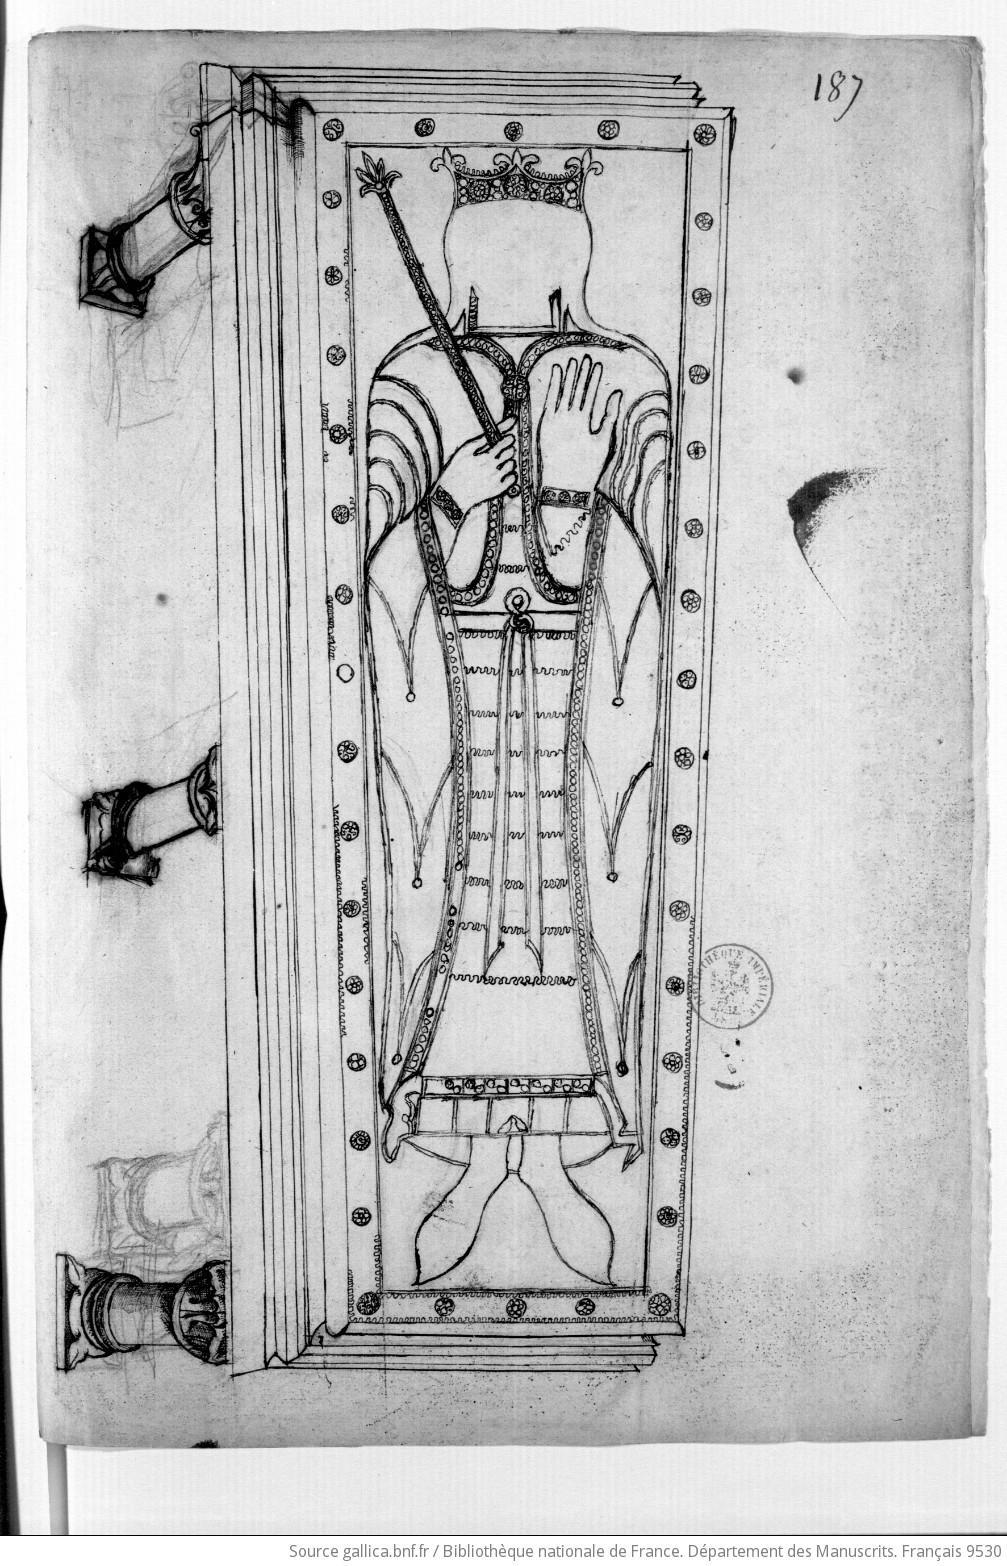 Les tombeaux mérovingiens de Saint-Germain-des-Prés F70